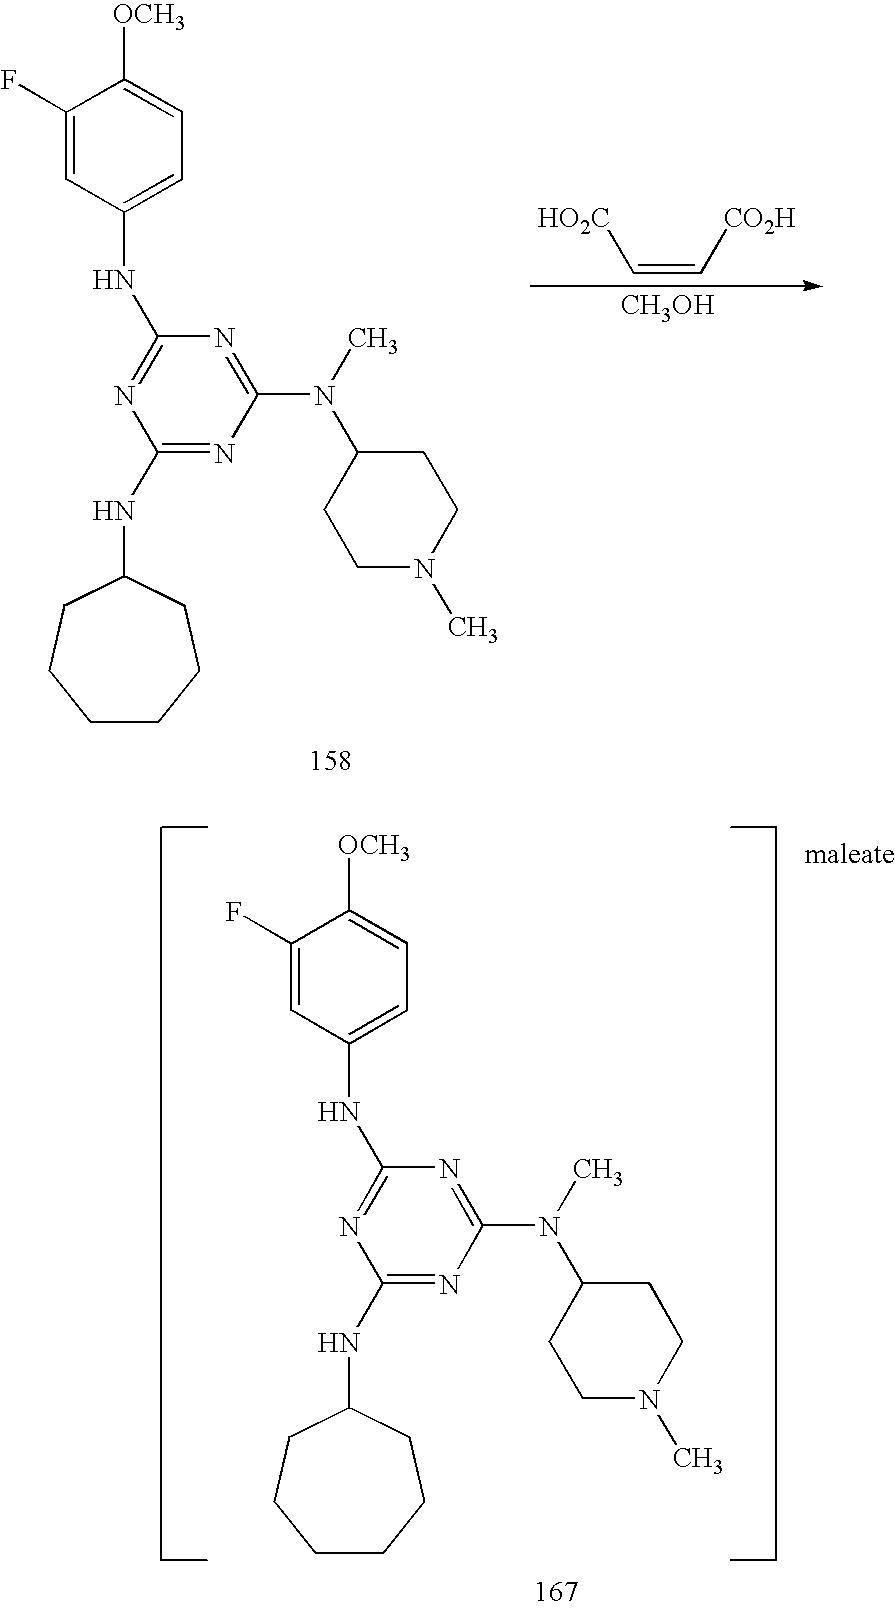 Figure US20050113341A1-20050526-C00188